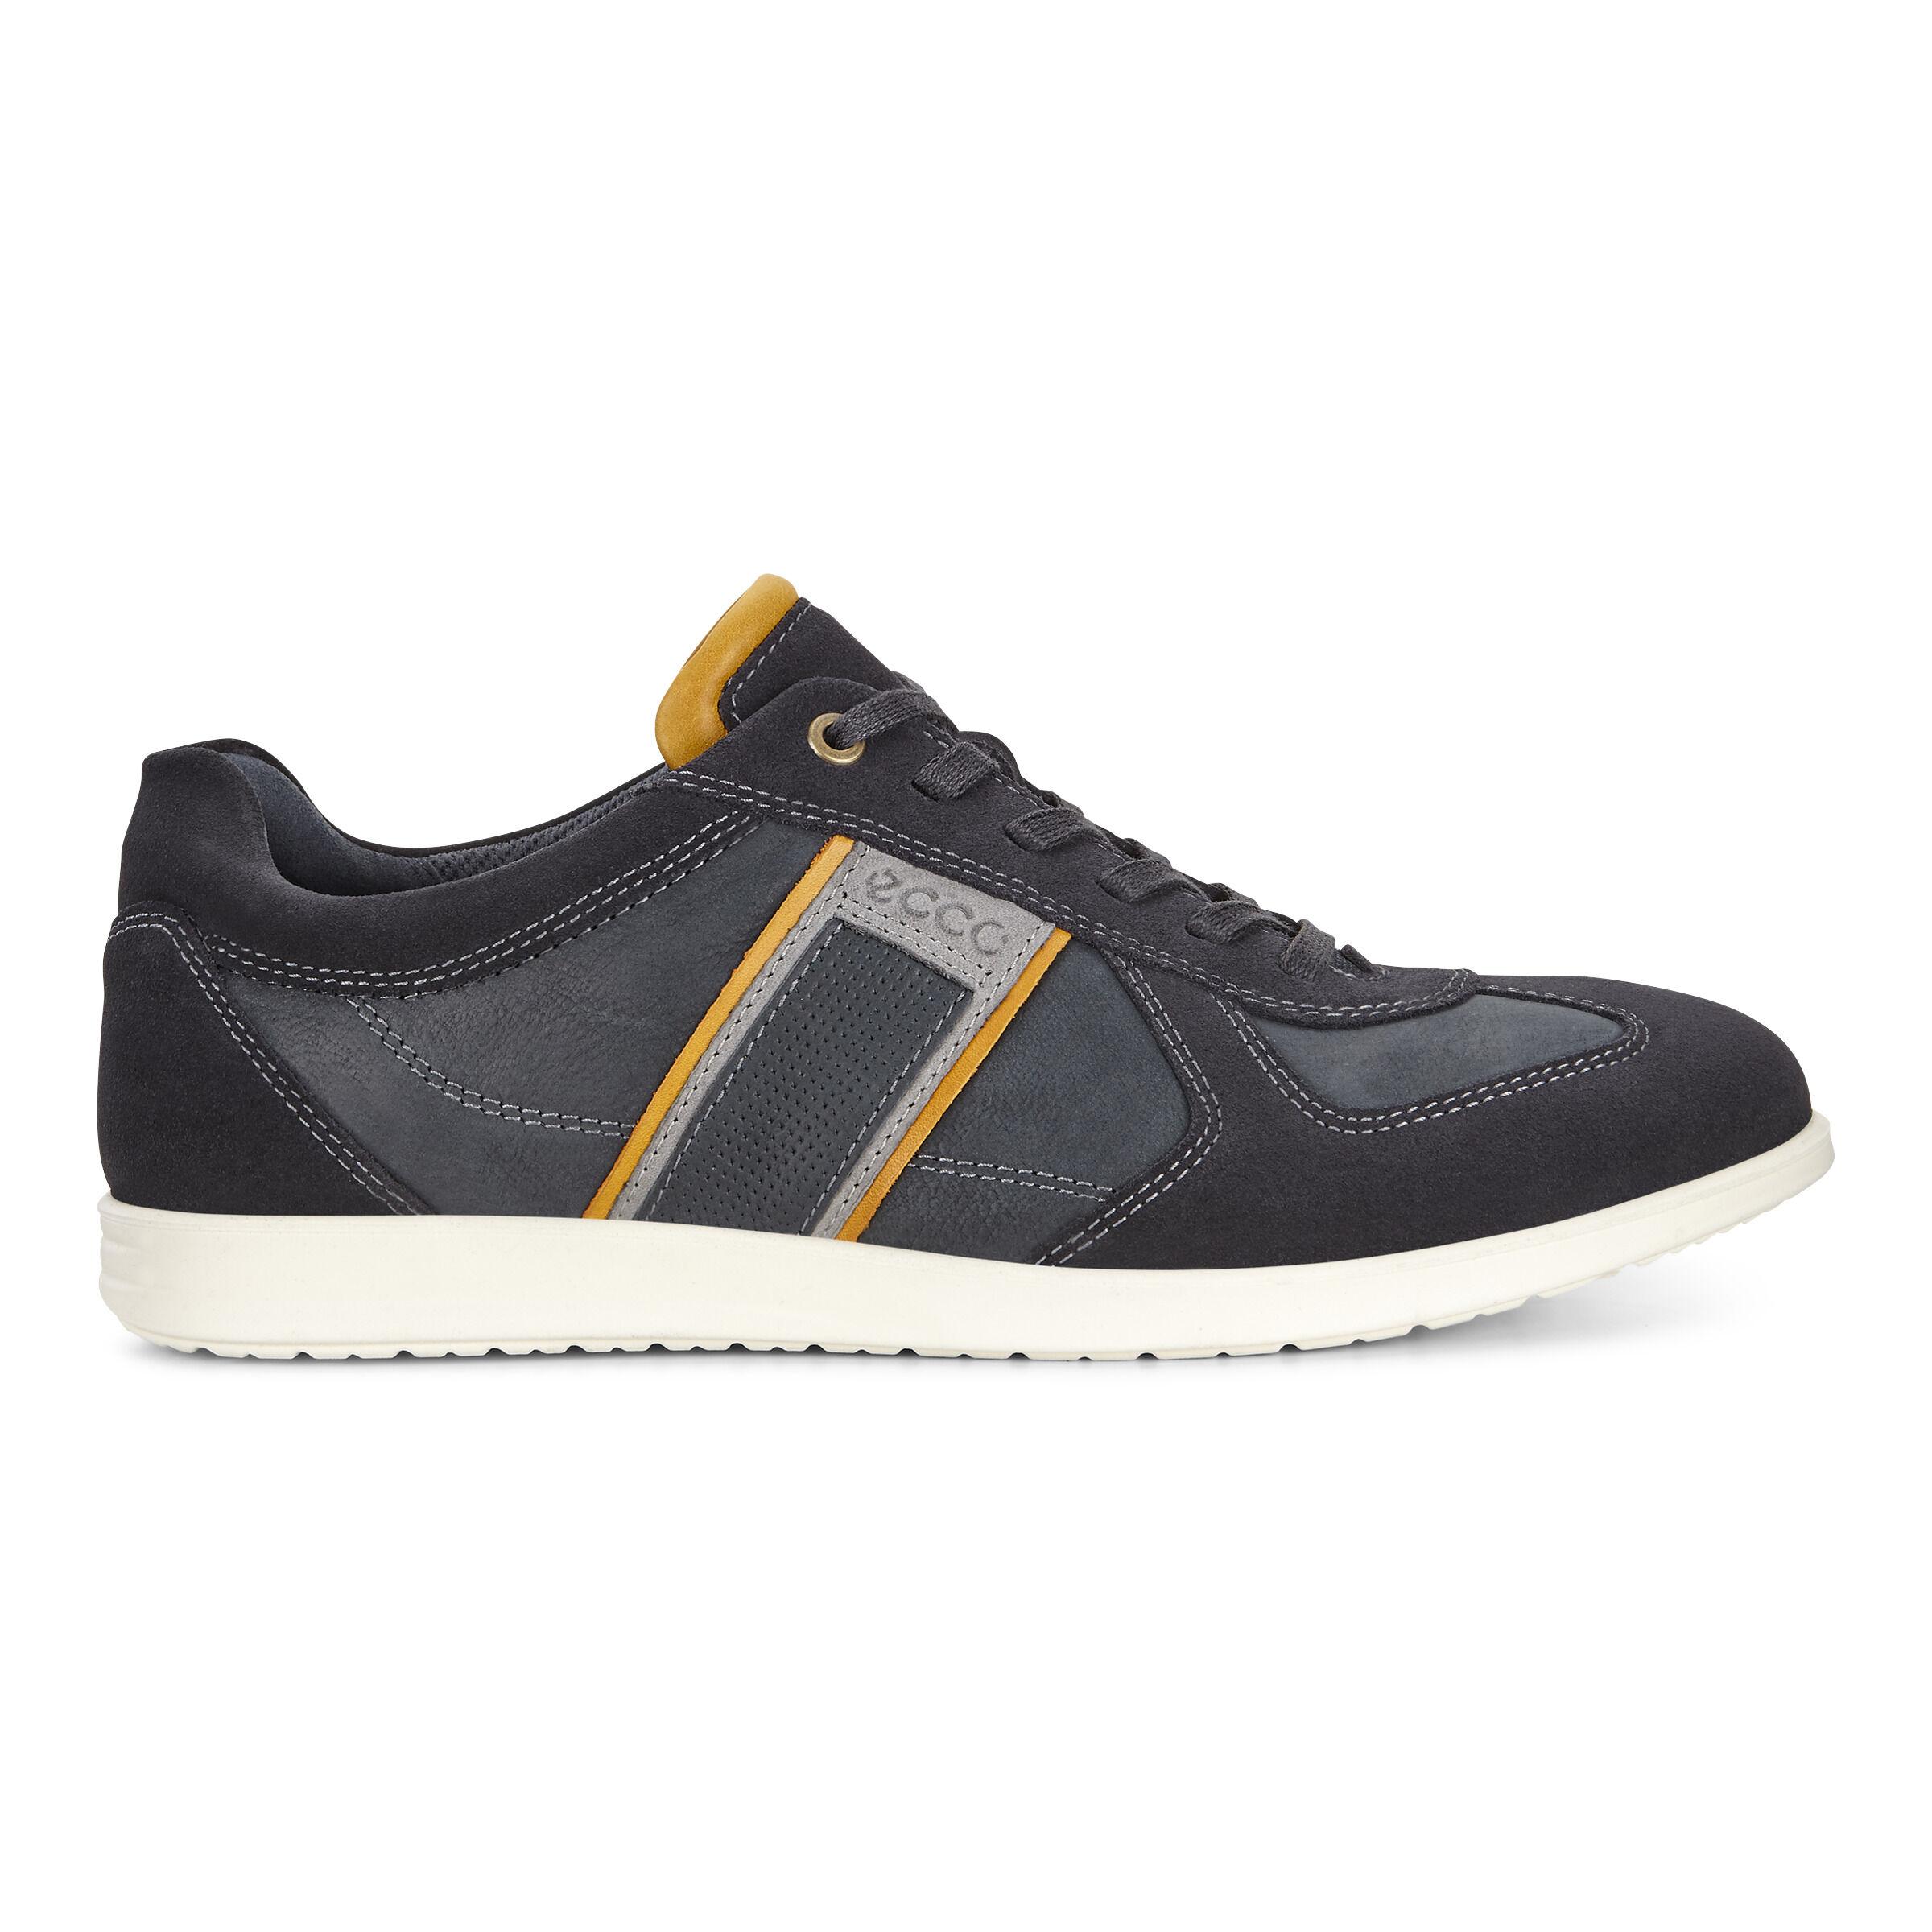 ECCO Indianapolis Sneaker | Men's Shoes